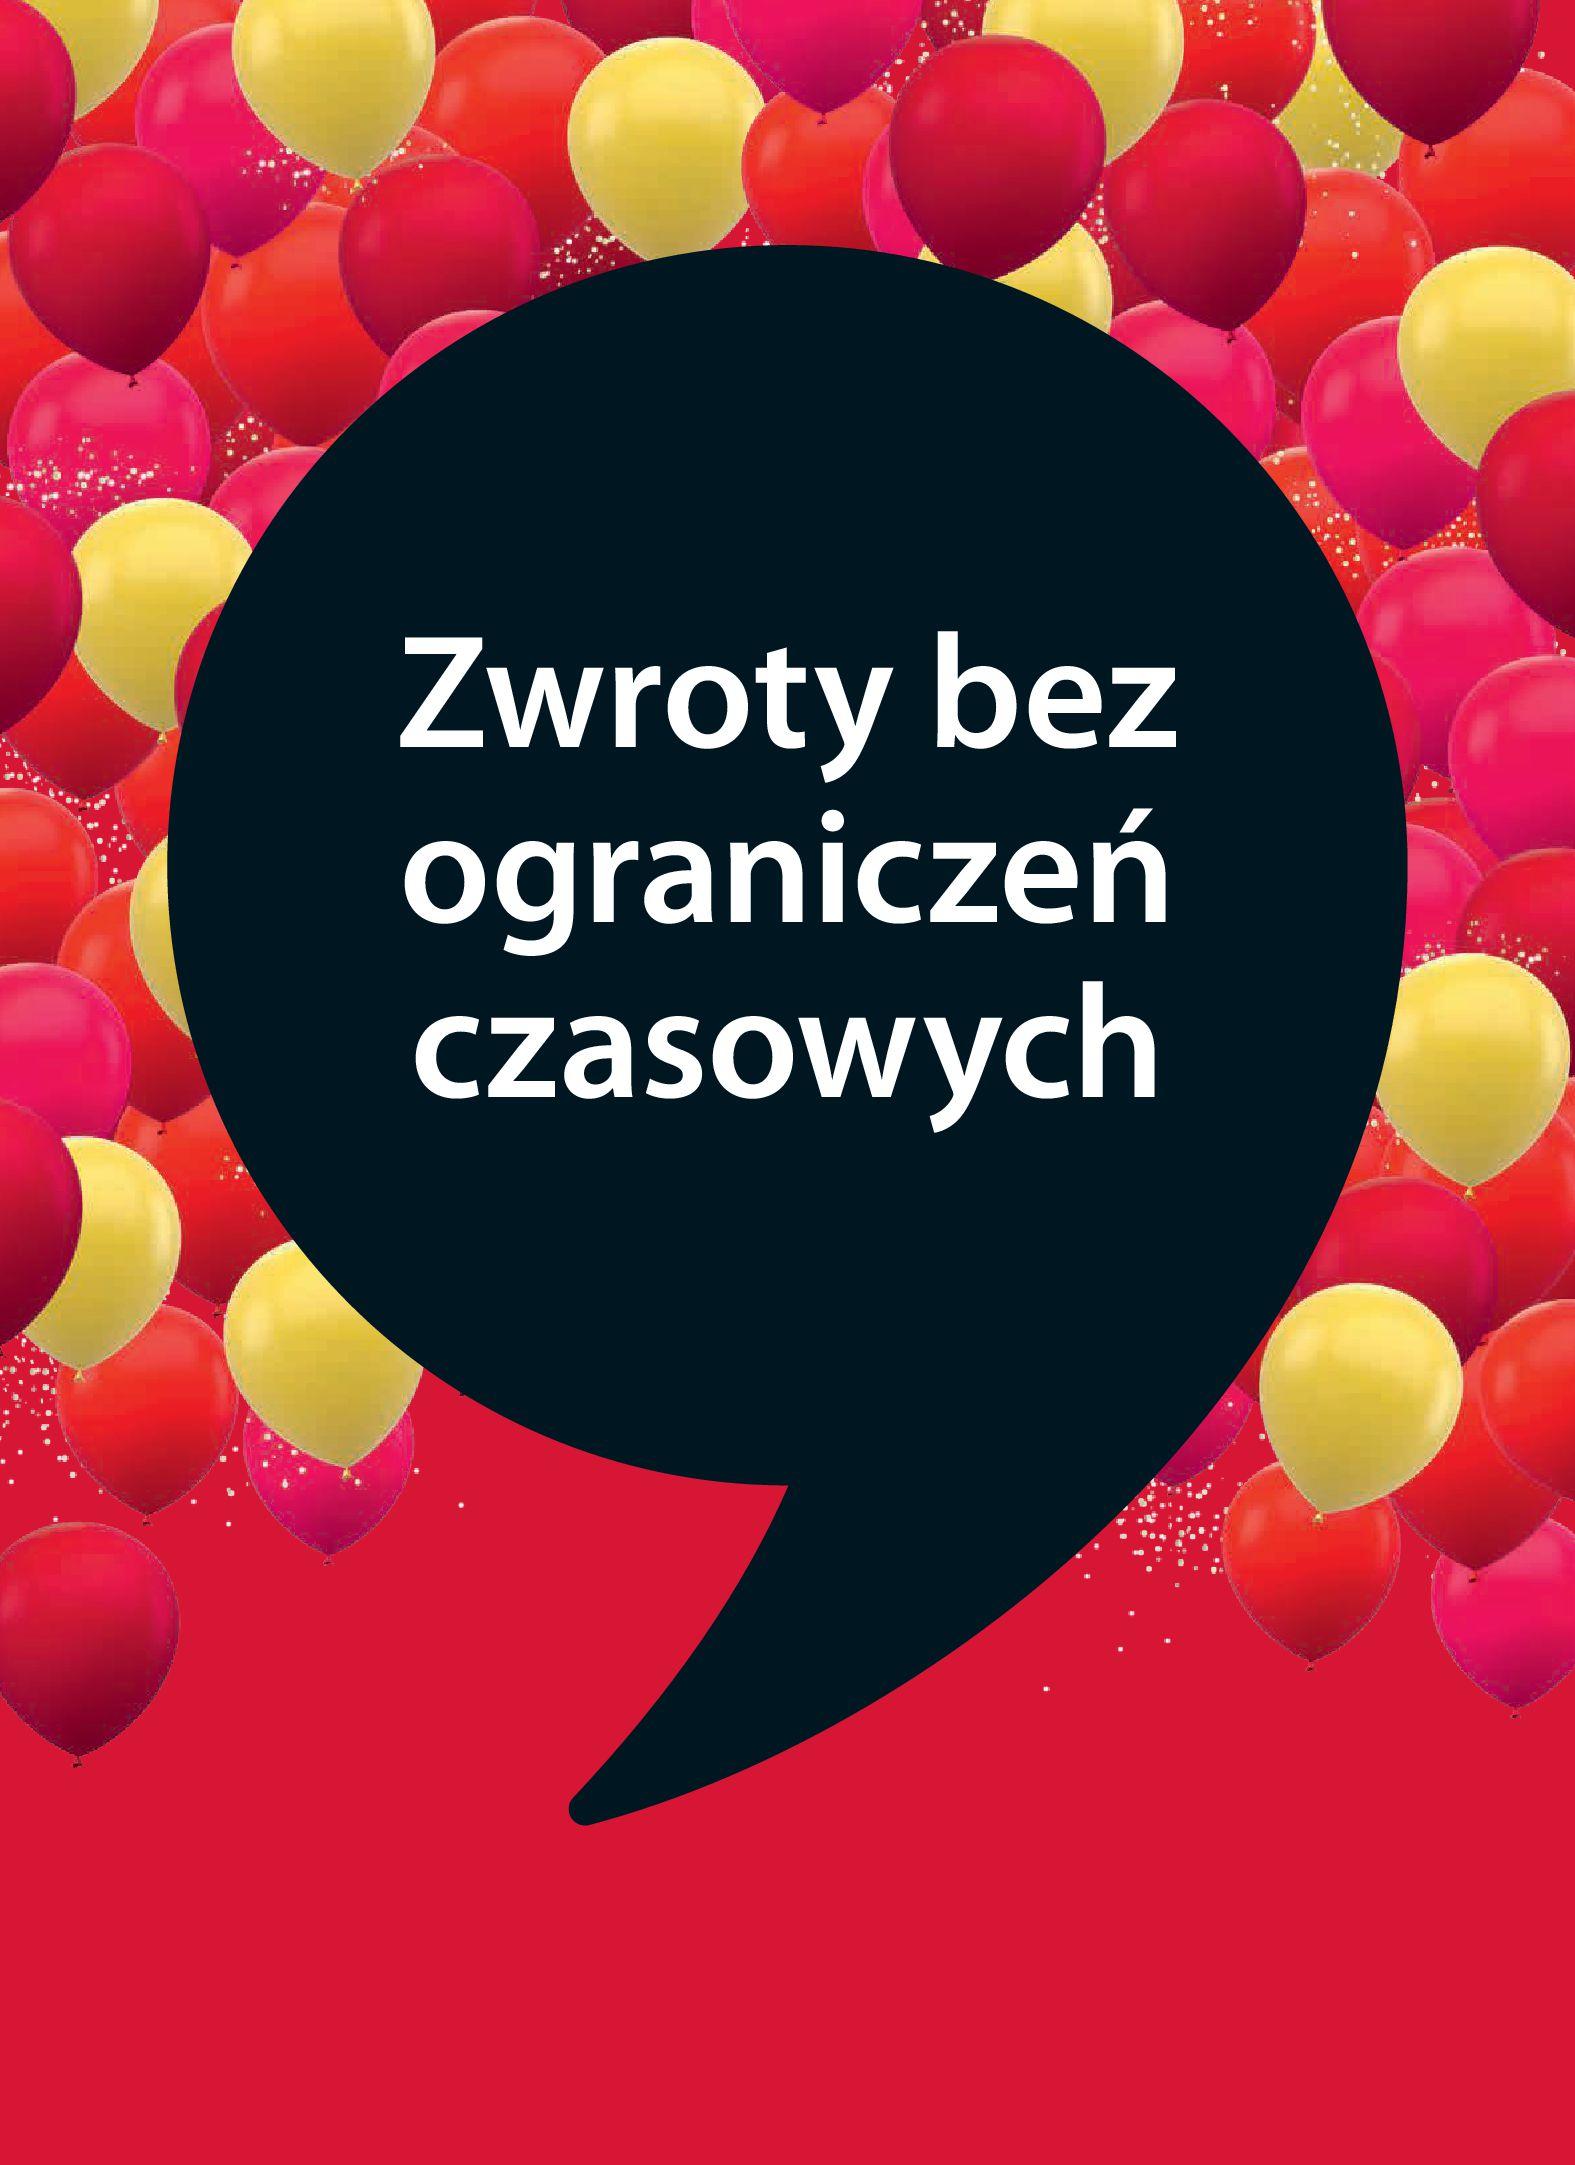 Jysk:  Gazetka Jysk - Czas na cenowe szaleństwo 13.10.2021